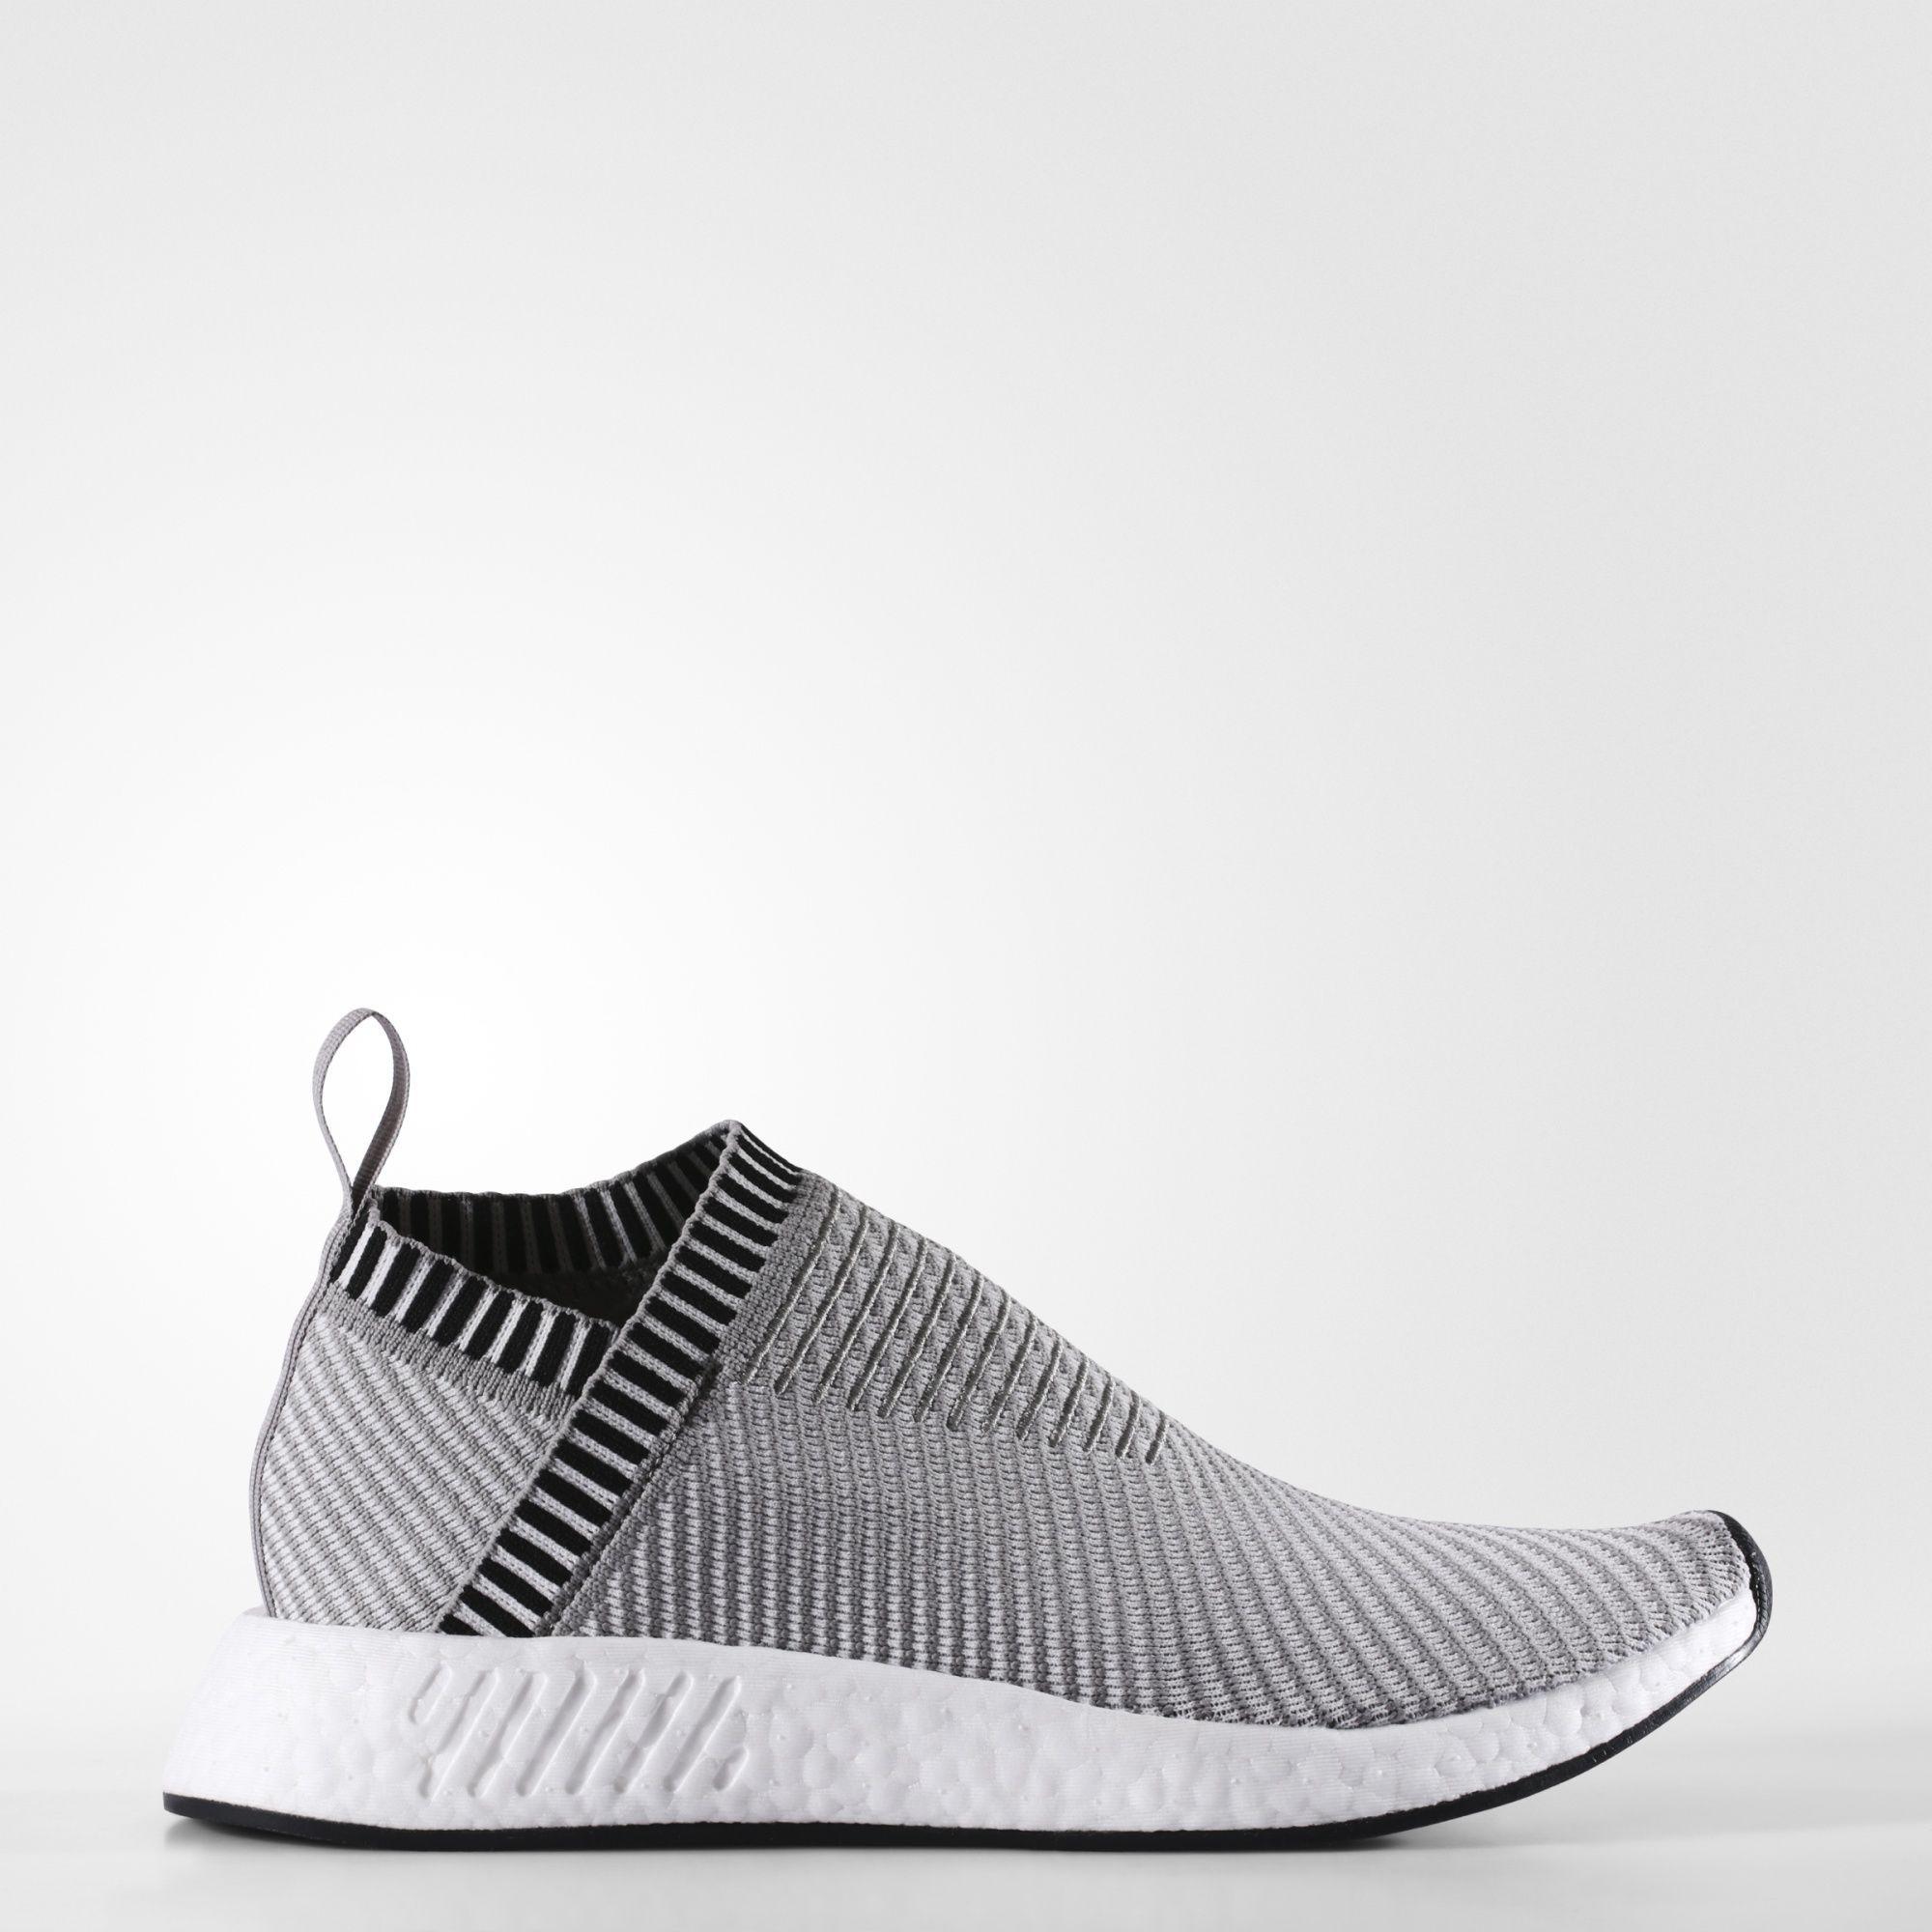 99941c4fcb3a4 Adidas NMD CS2 Primeknit Shoes Dark Grey Heather Solid Grey Footwear White  Shock Pink BA7187